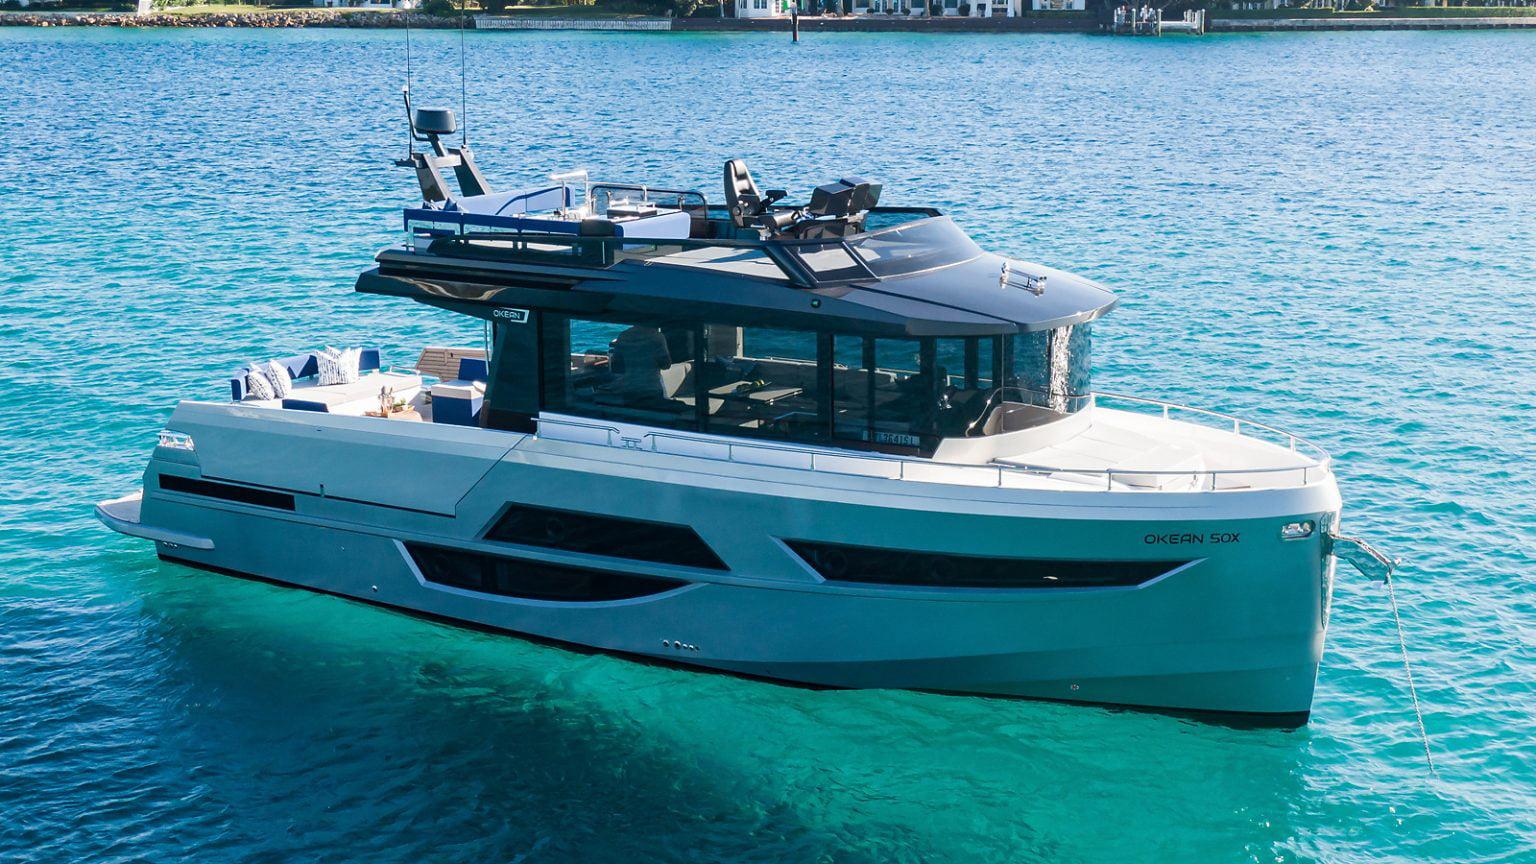 Okean 50X - exteriores (4)